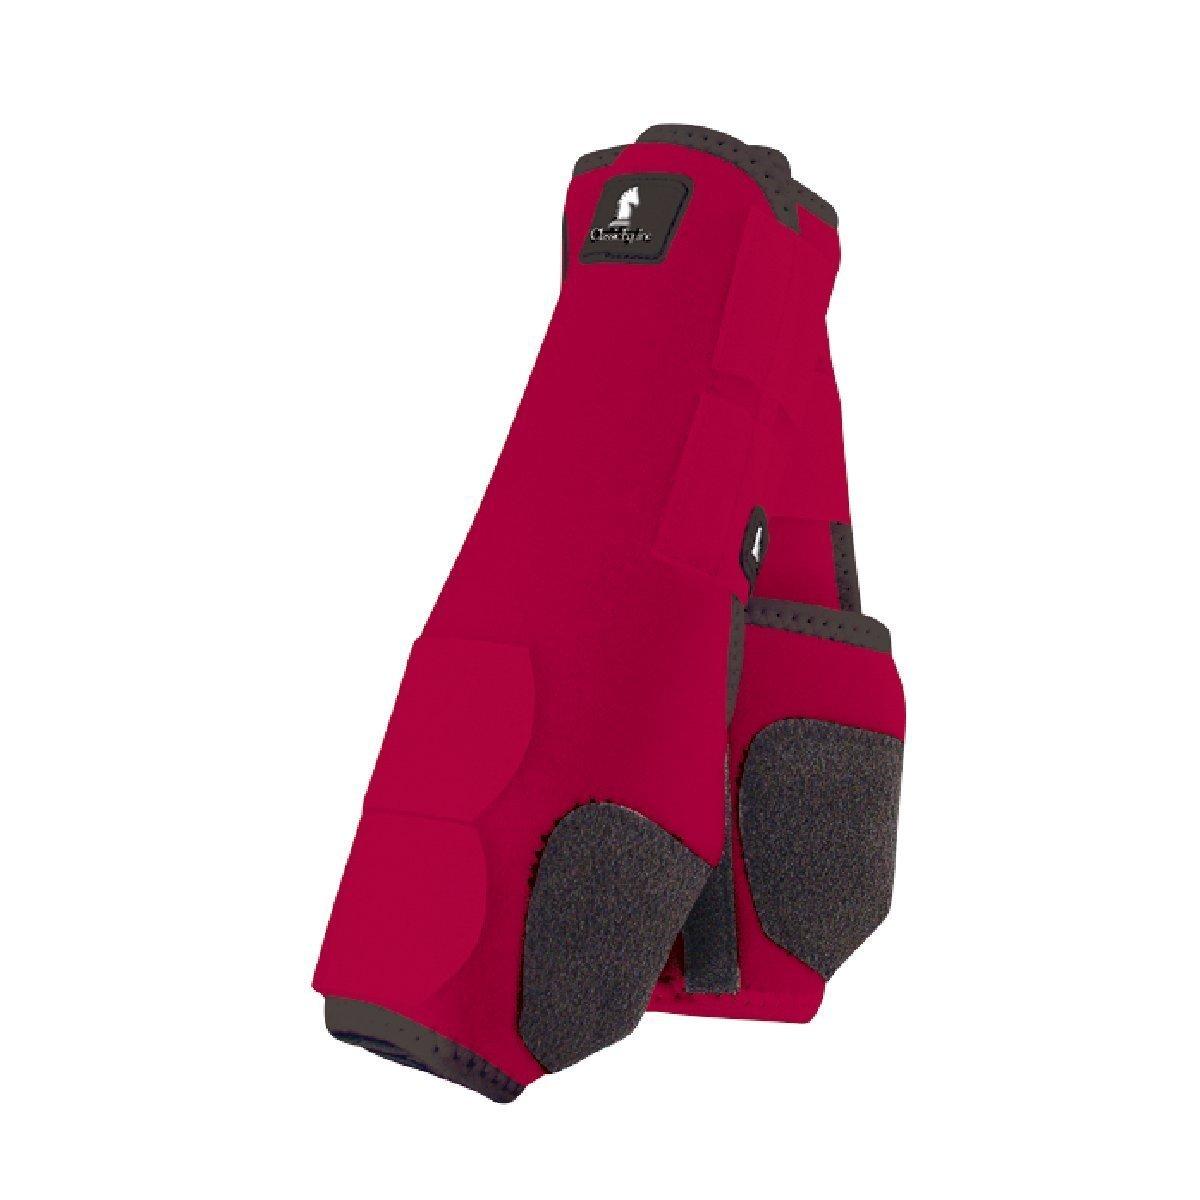 クラシックEquine Legacy SMBブーツ – フロント – すべてのサイズと色 B00C7YVTHK Medium|レッド レッド Medium